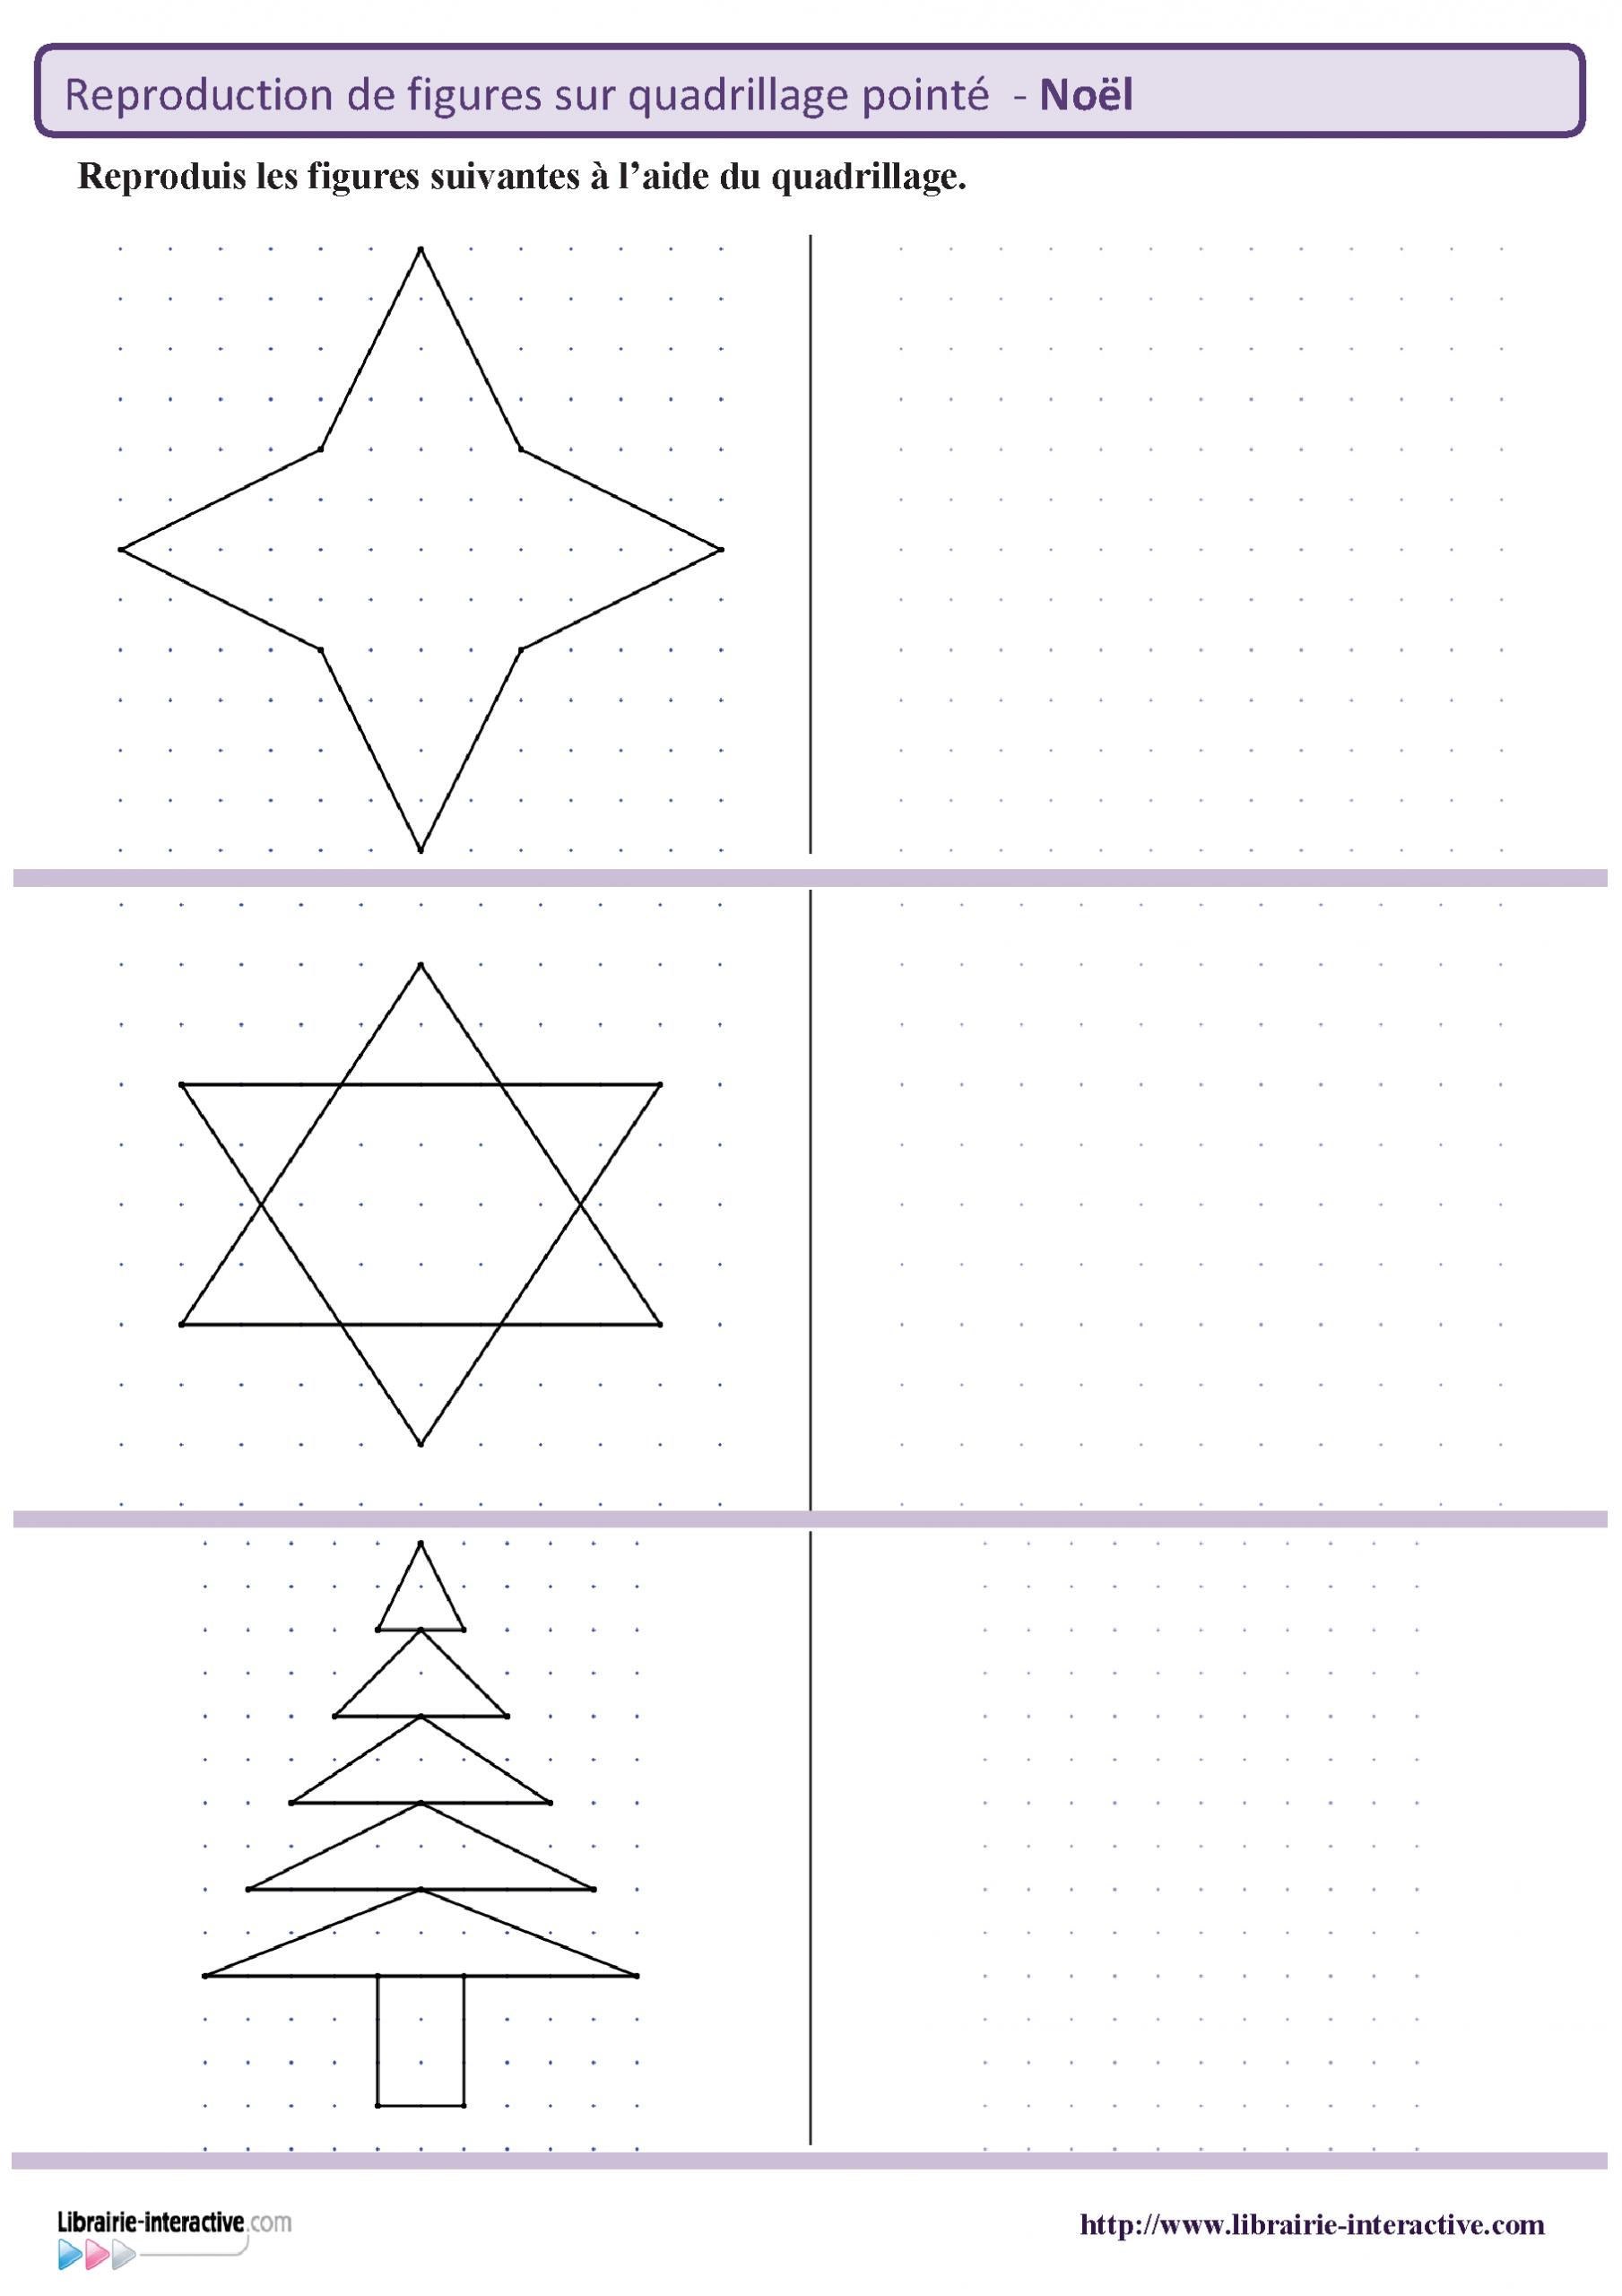 Des Figures Géométriques Sur Le Thème De Noël À Reproduire intérieur Reproduction Sur Quadrillage Ce2